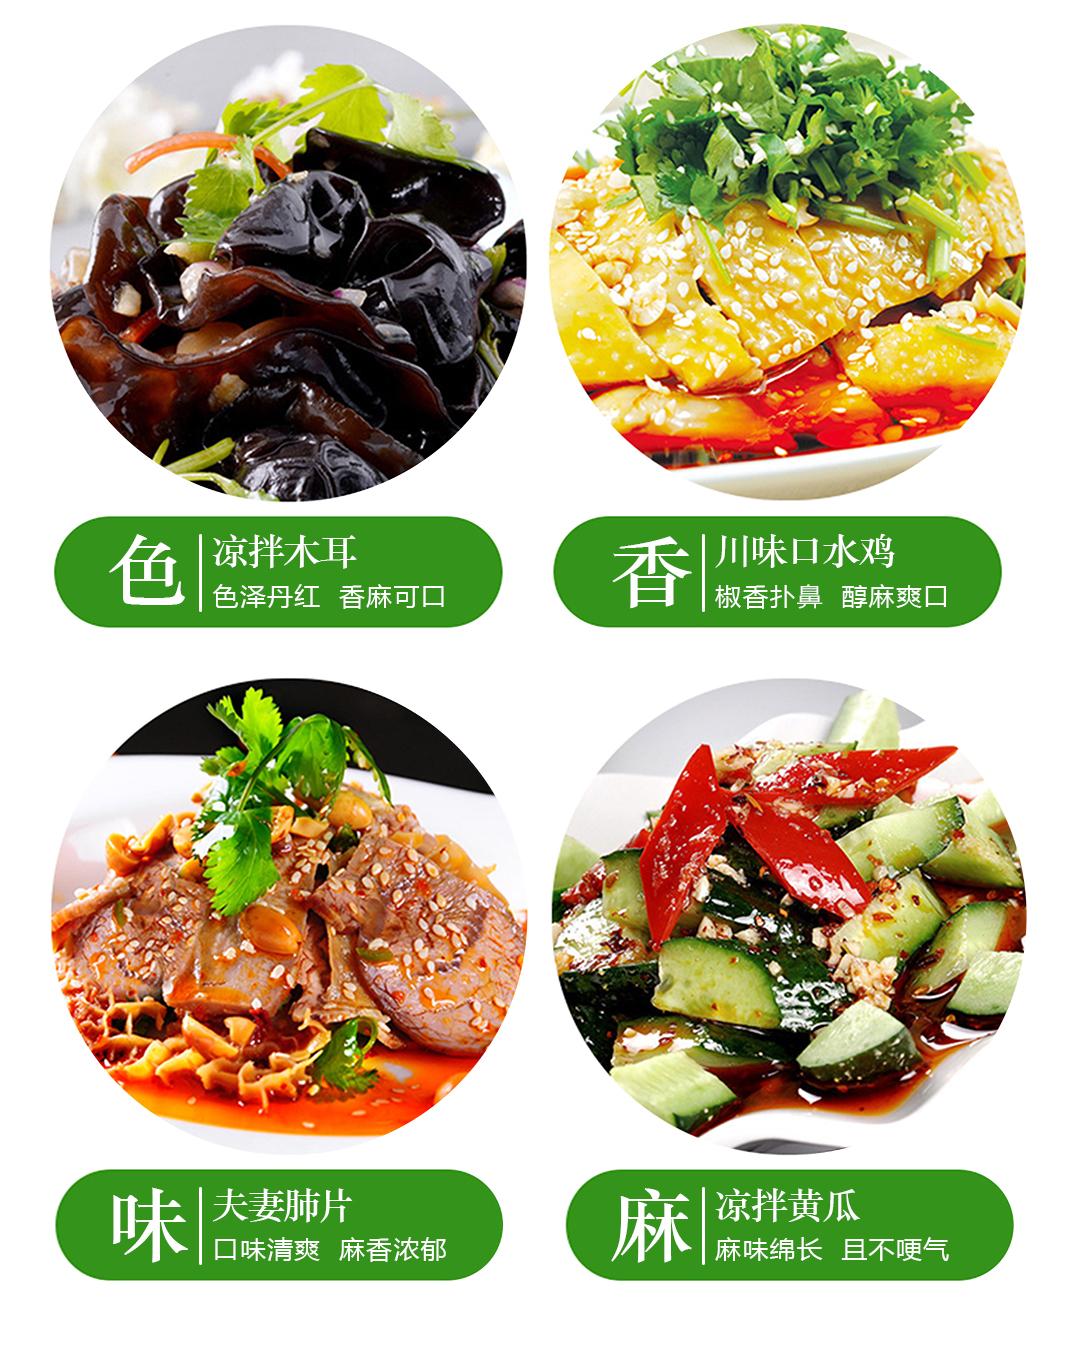 藤椒油产品简介图2_04.jpg